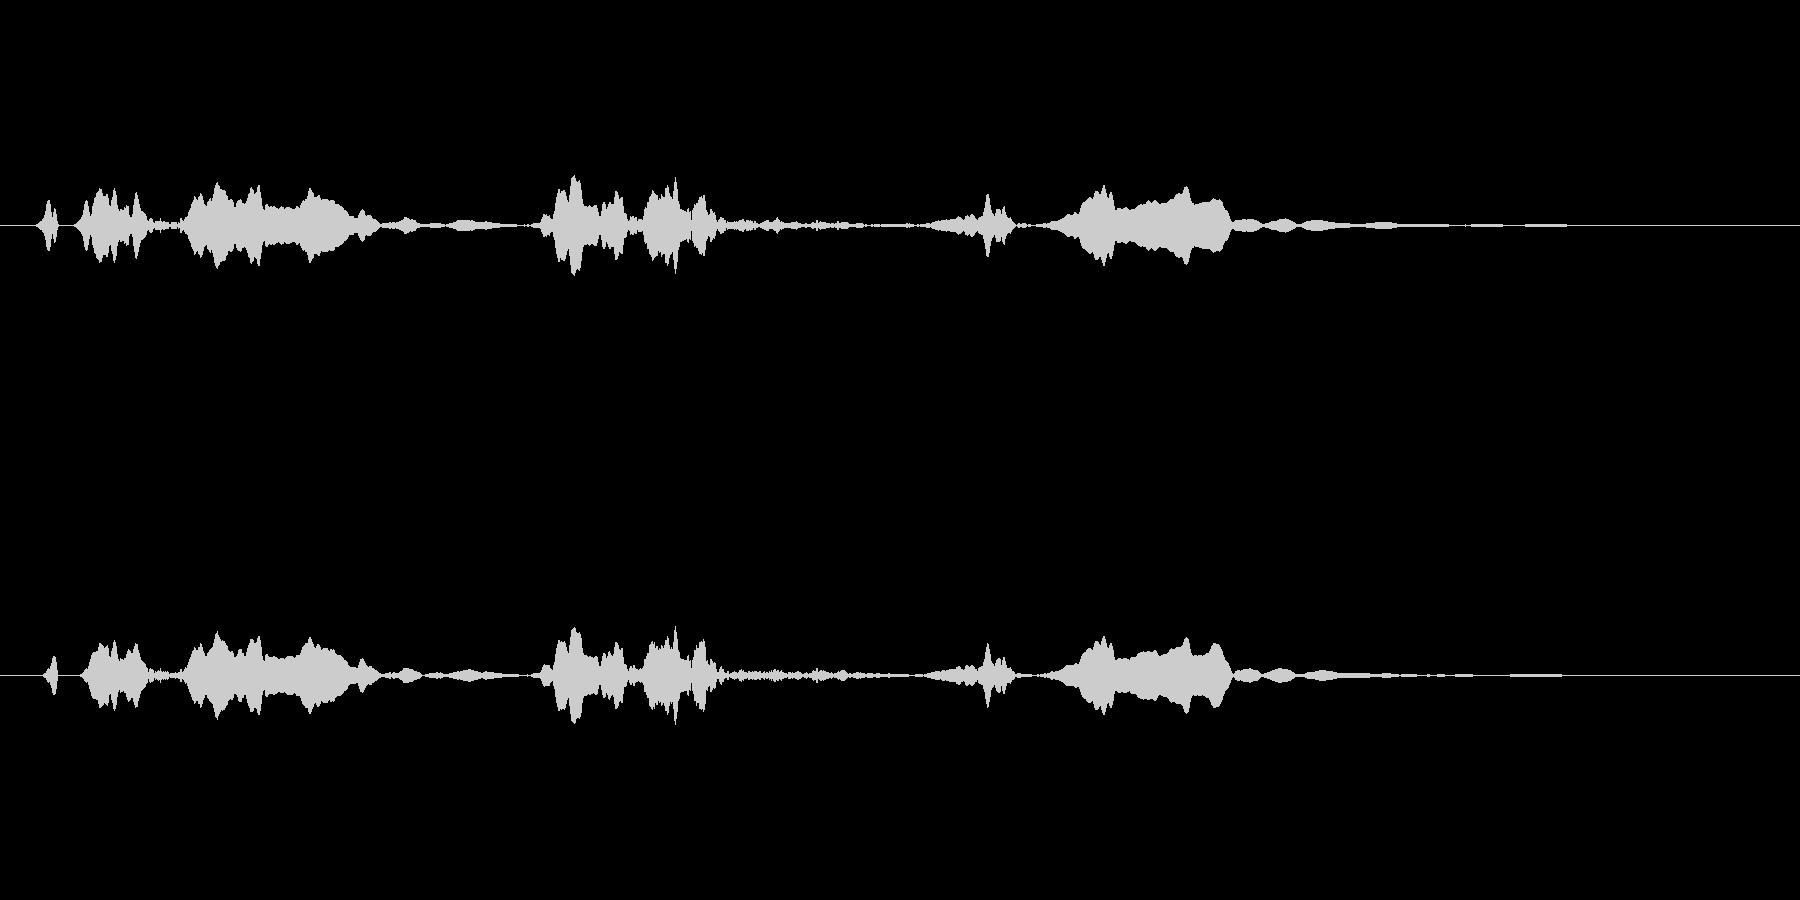 ピーピヨ♪大瑠璃、おおるりの鳴き声01 の未再生の波形